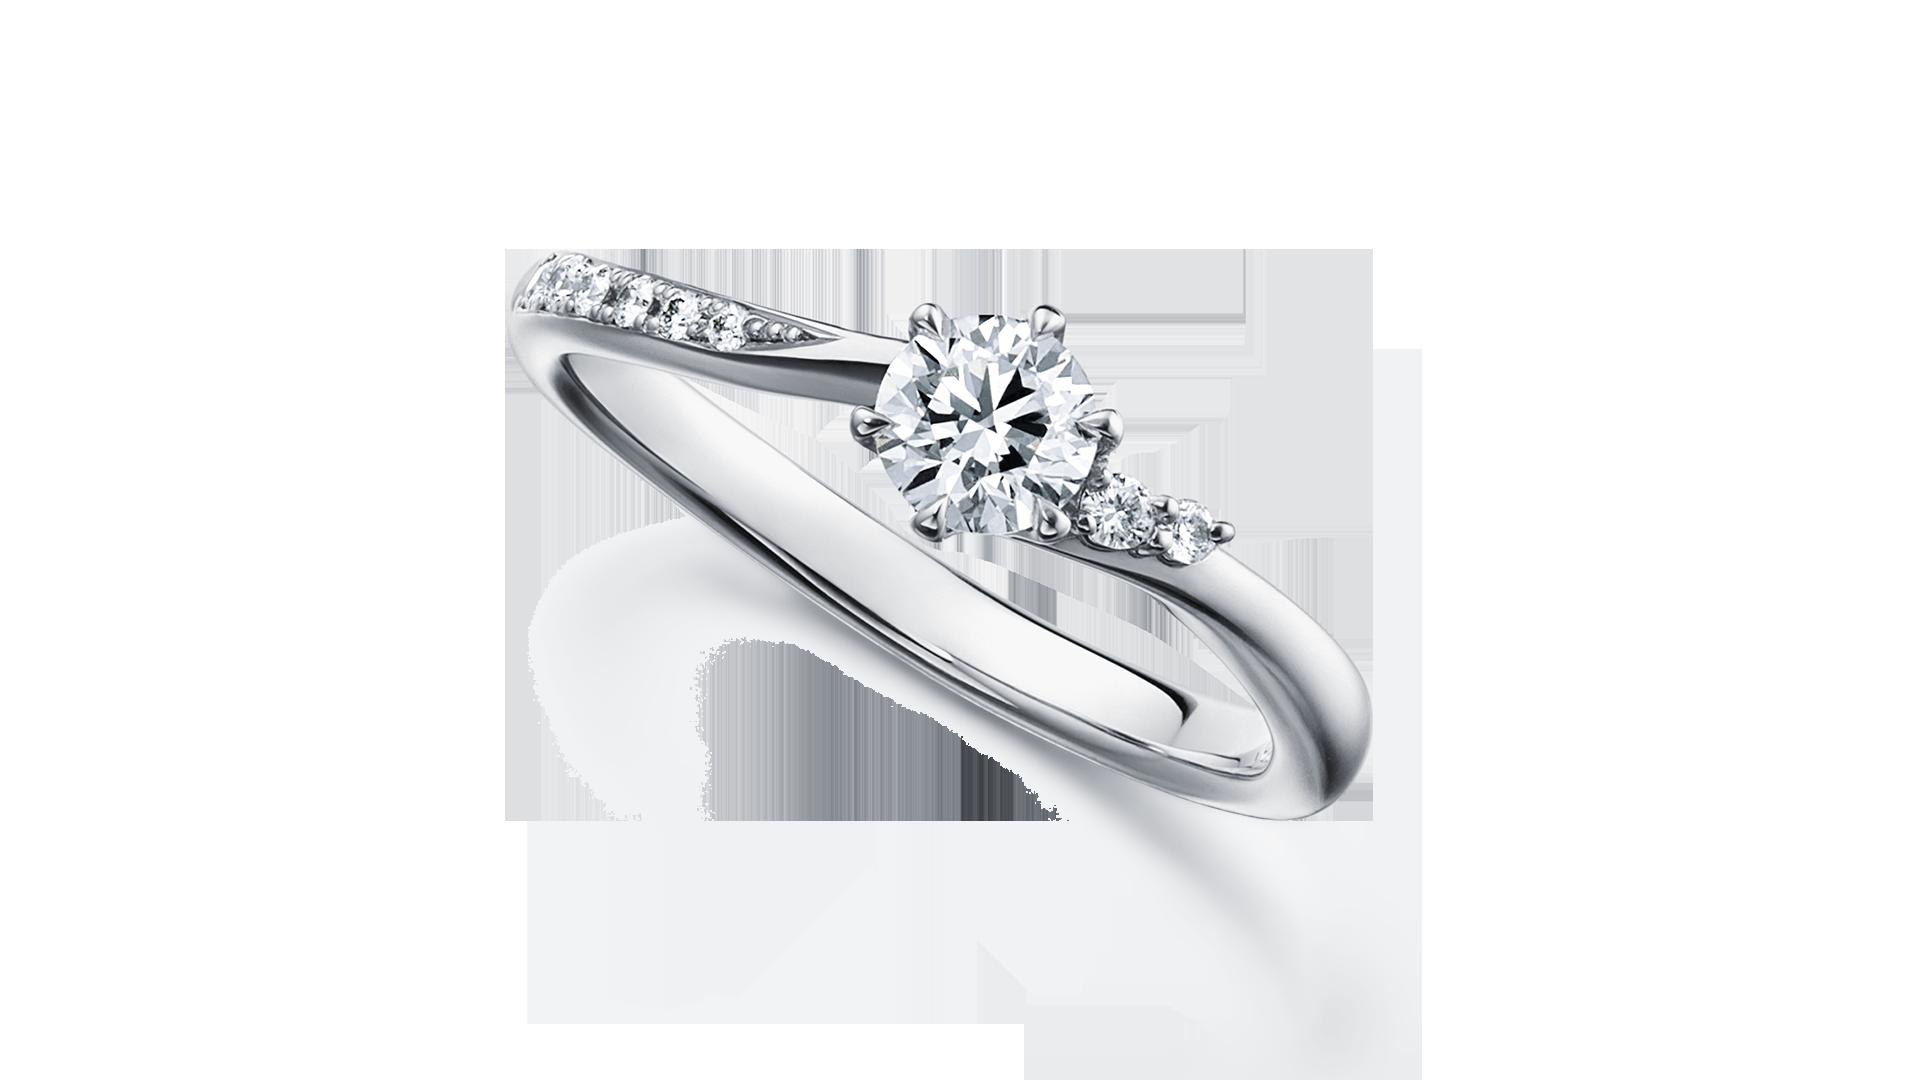 andromeda アンドロメダ | 婚約指輪サムネイル 3